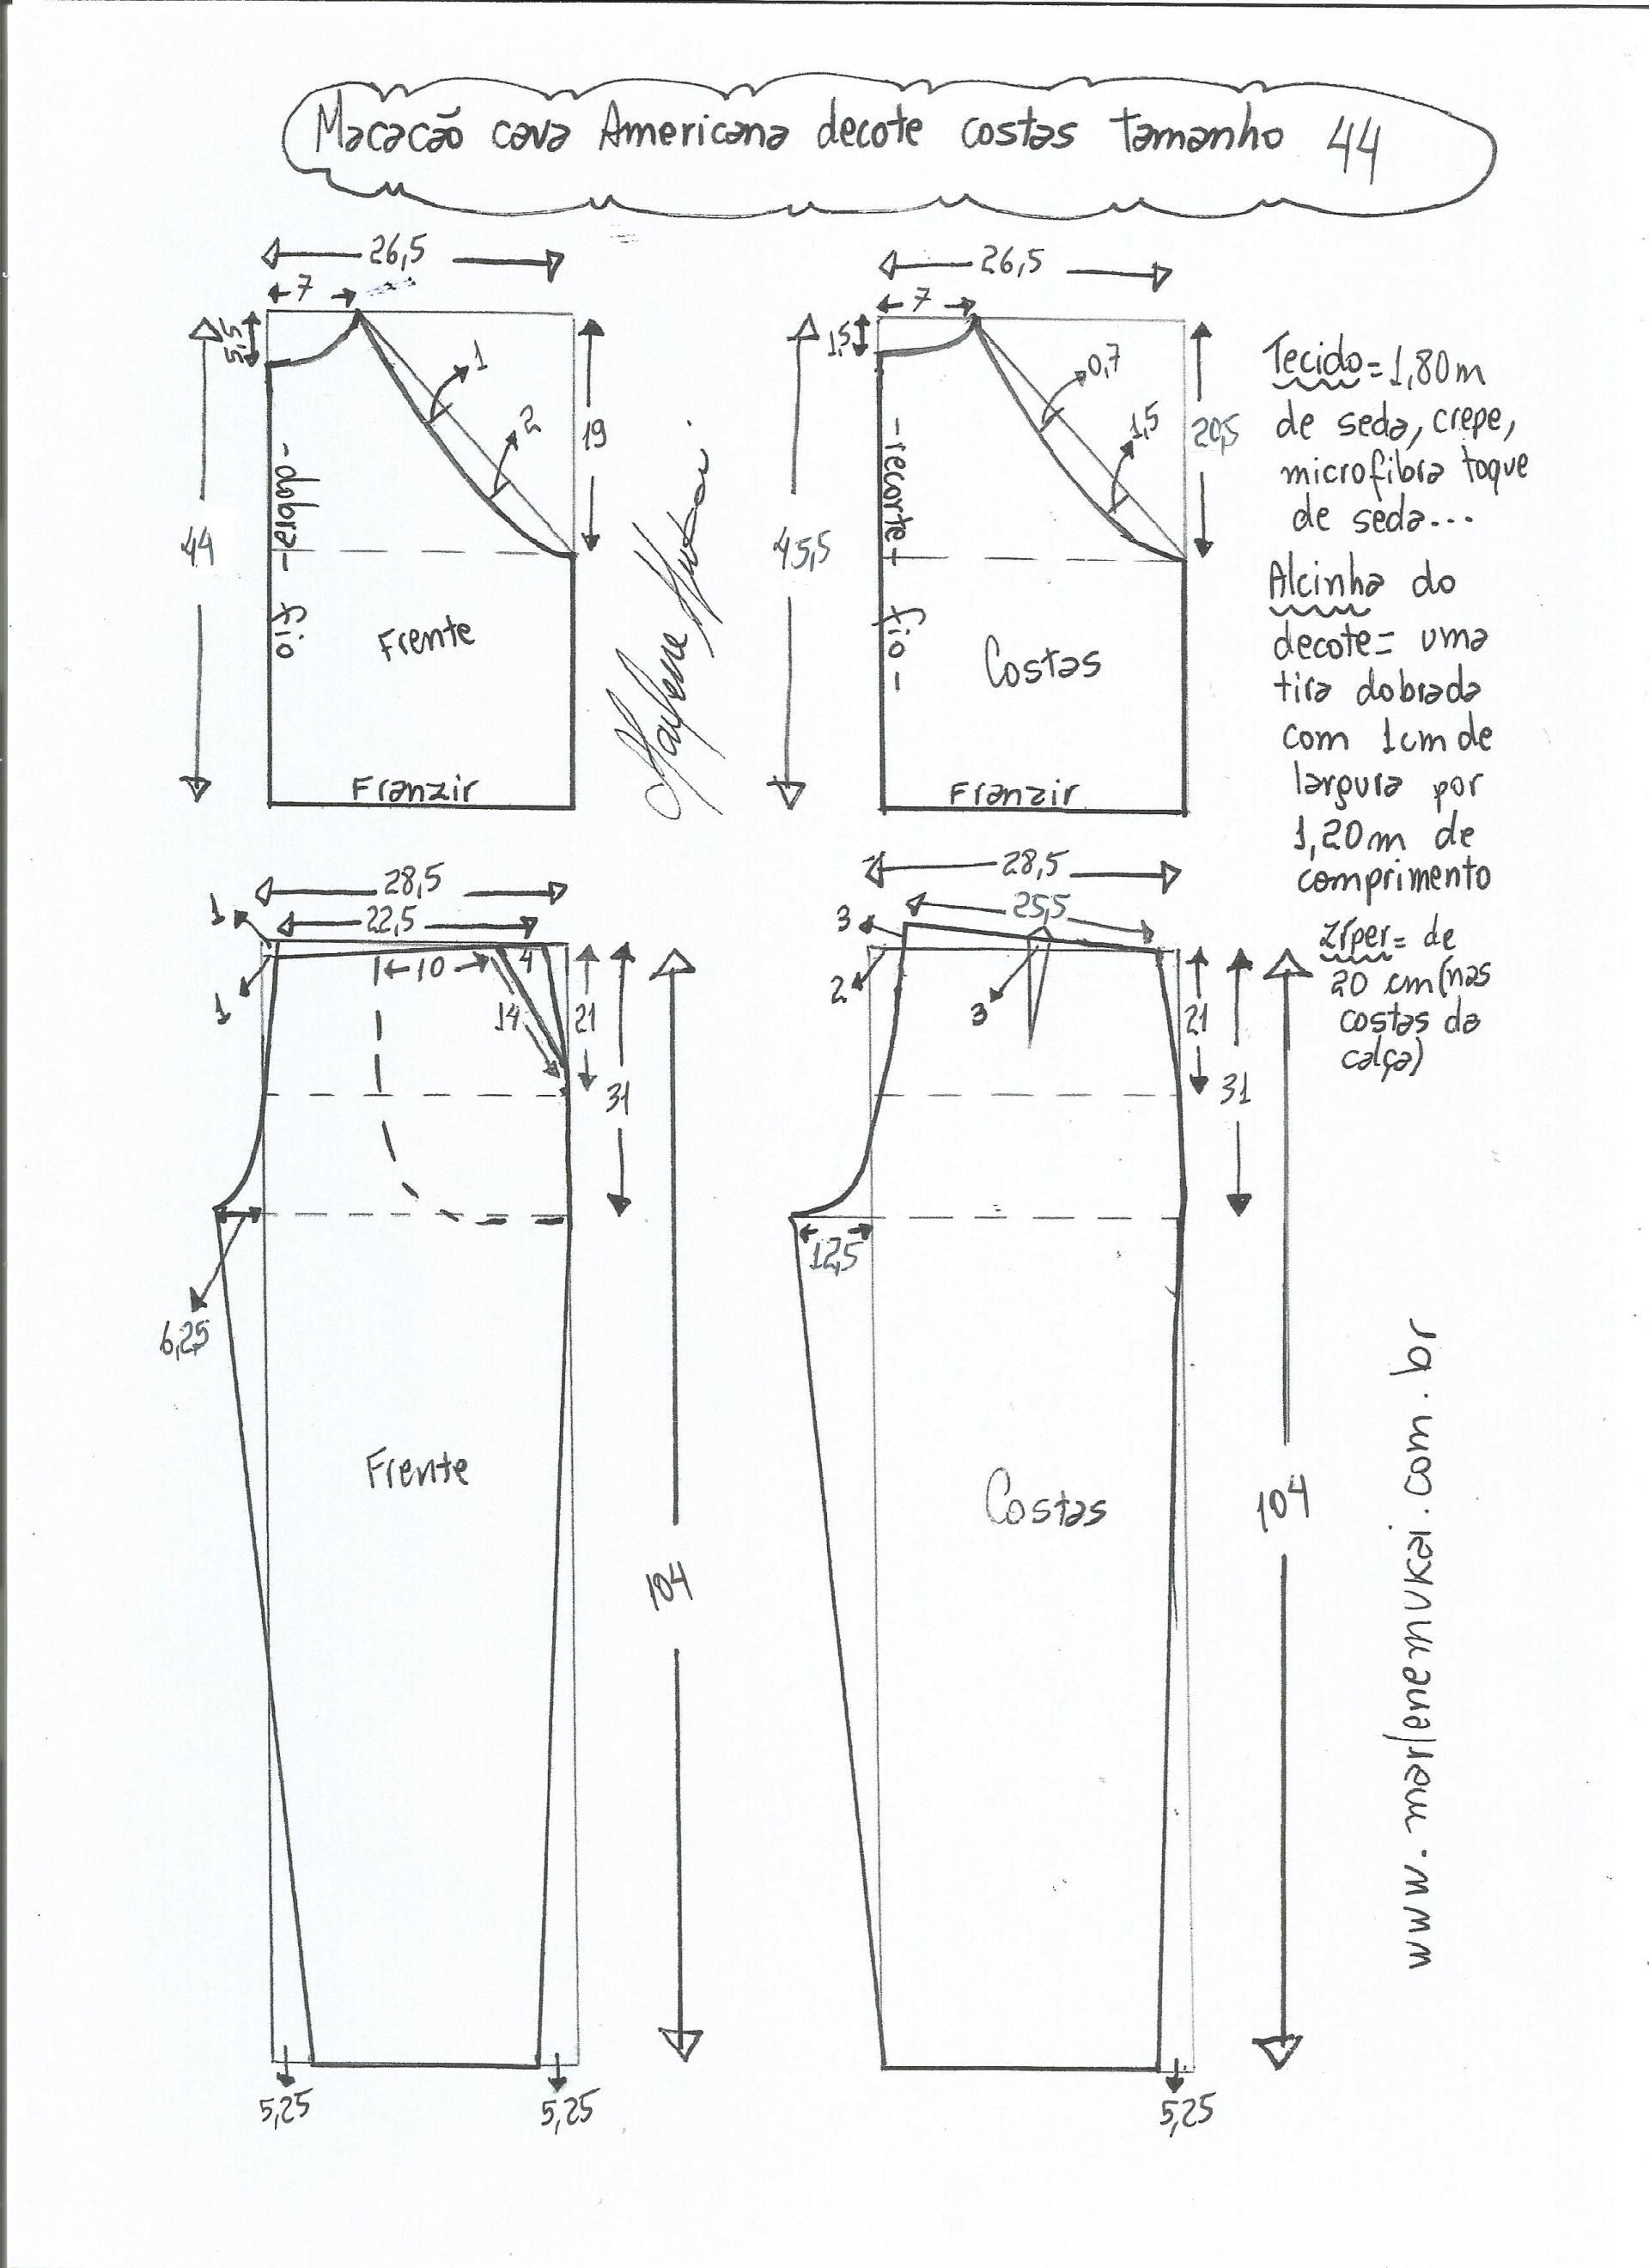 Patrón de mono con sisa americana | telas y tijeras | 服装 y パターン